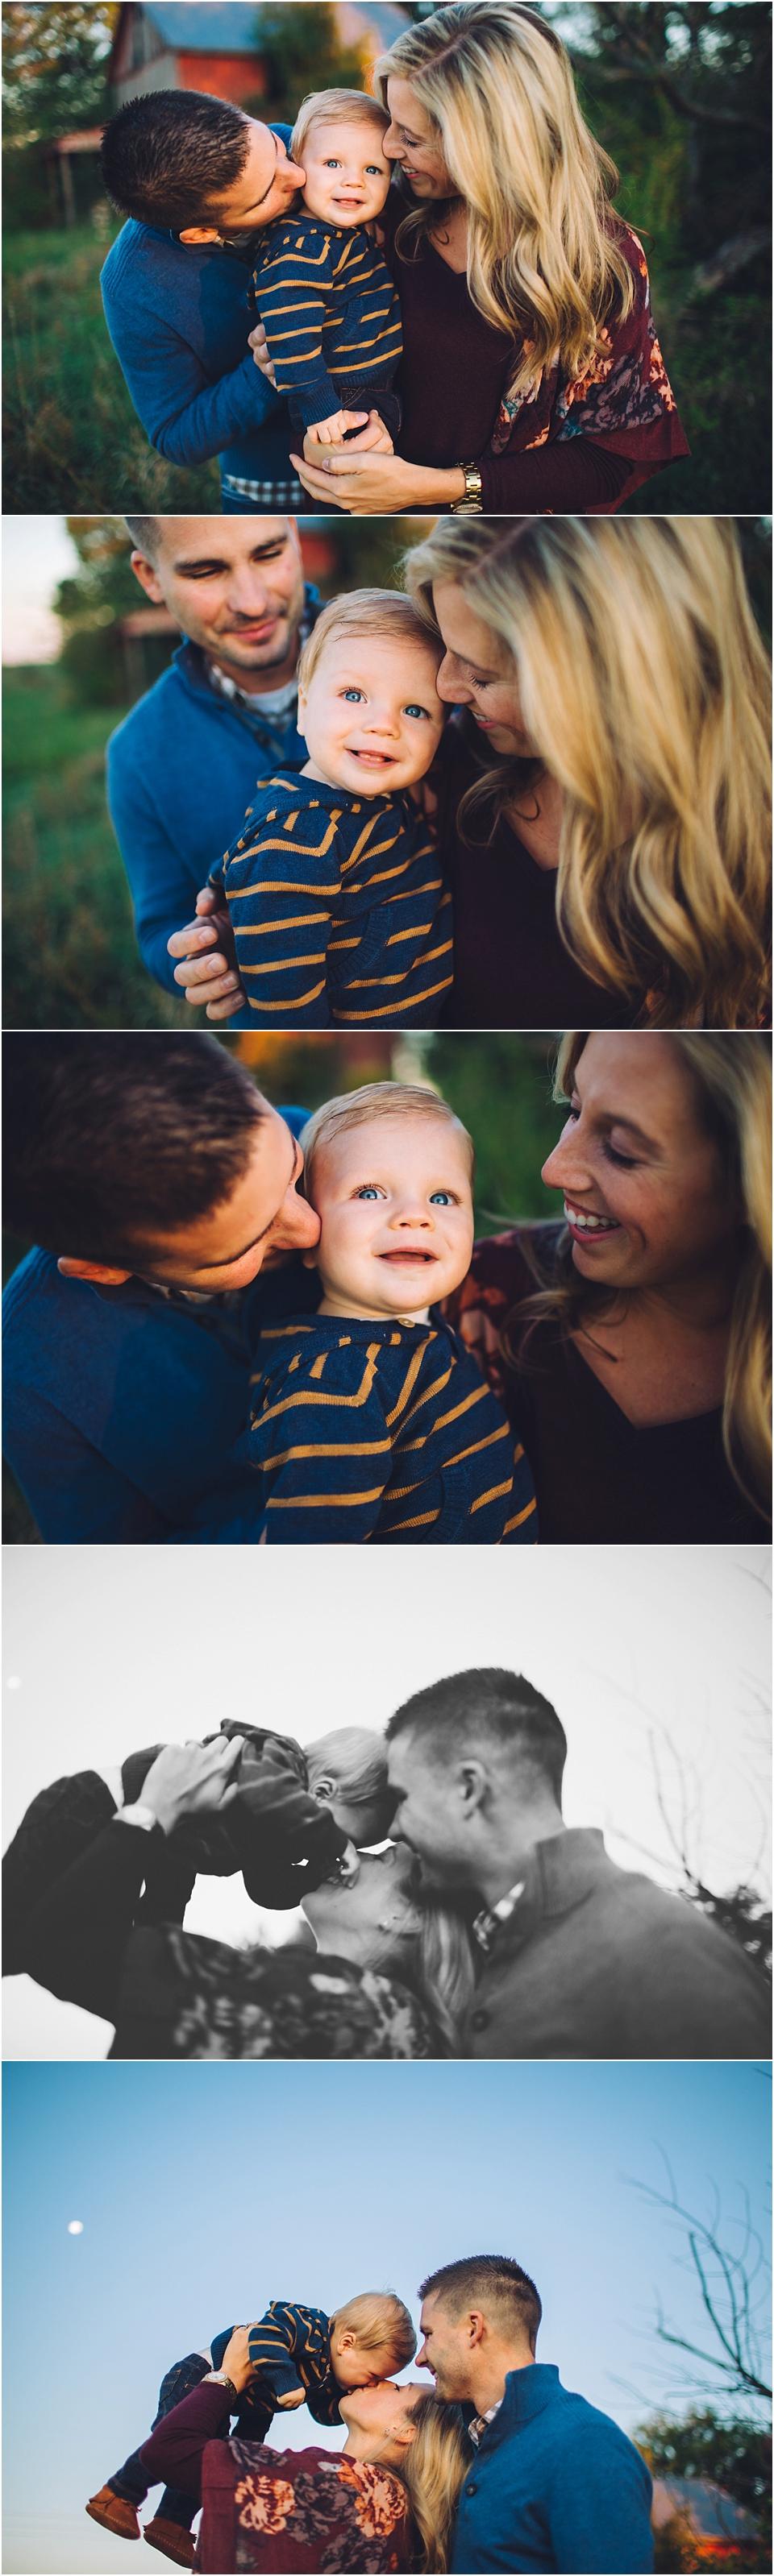 kansascitybestfamilyphotographer_0004